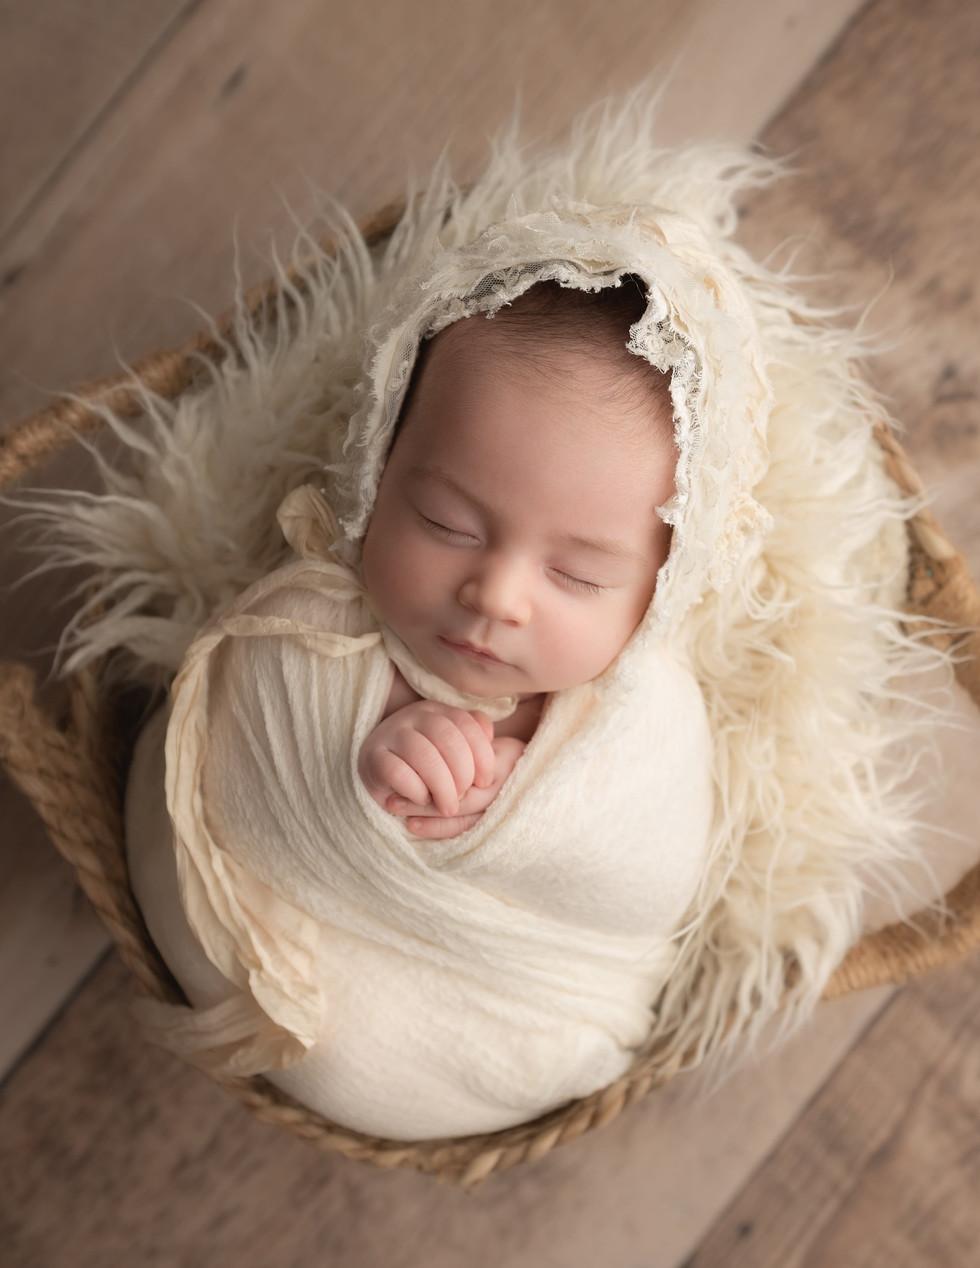 Newborn baby in basket with cream bonnet